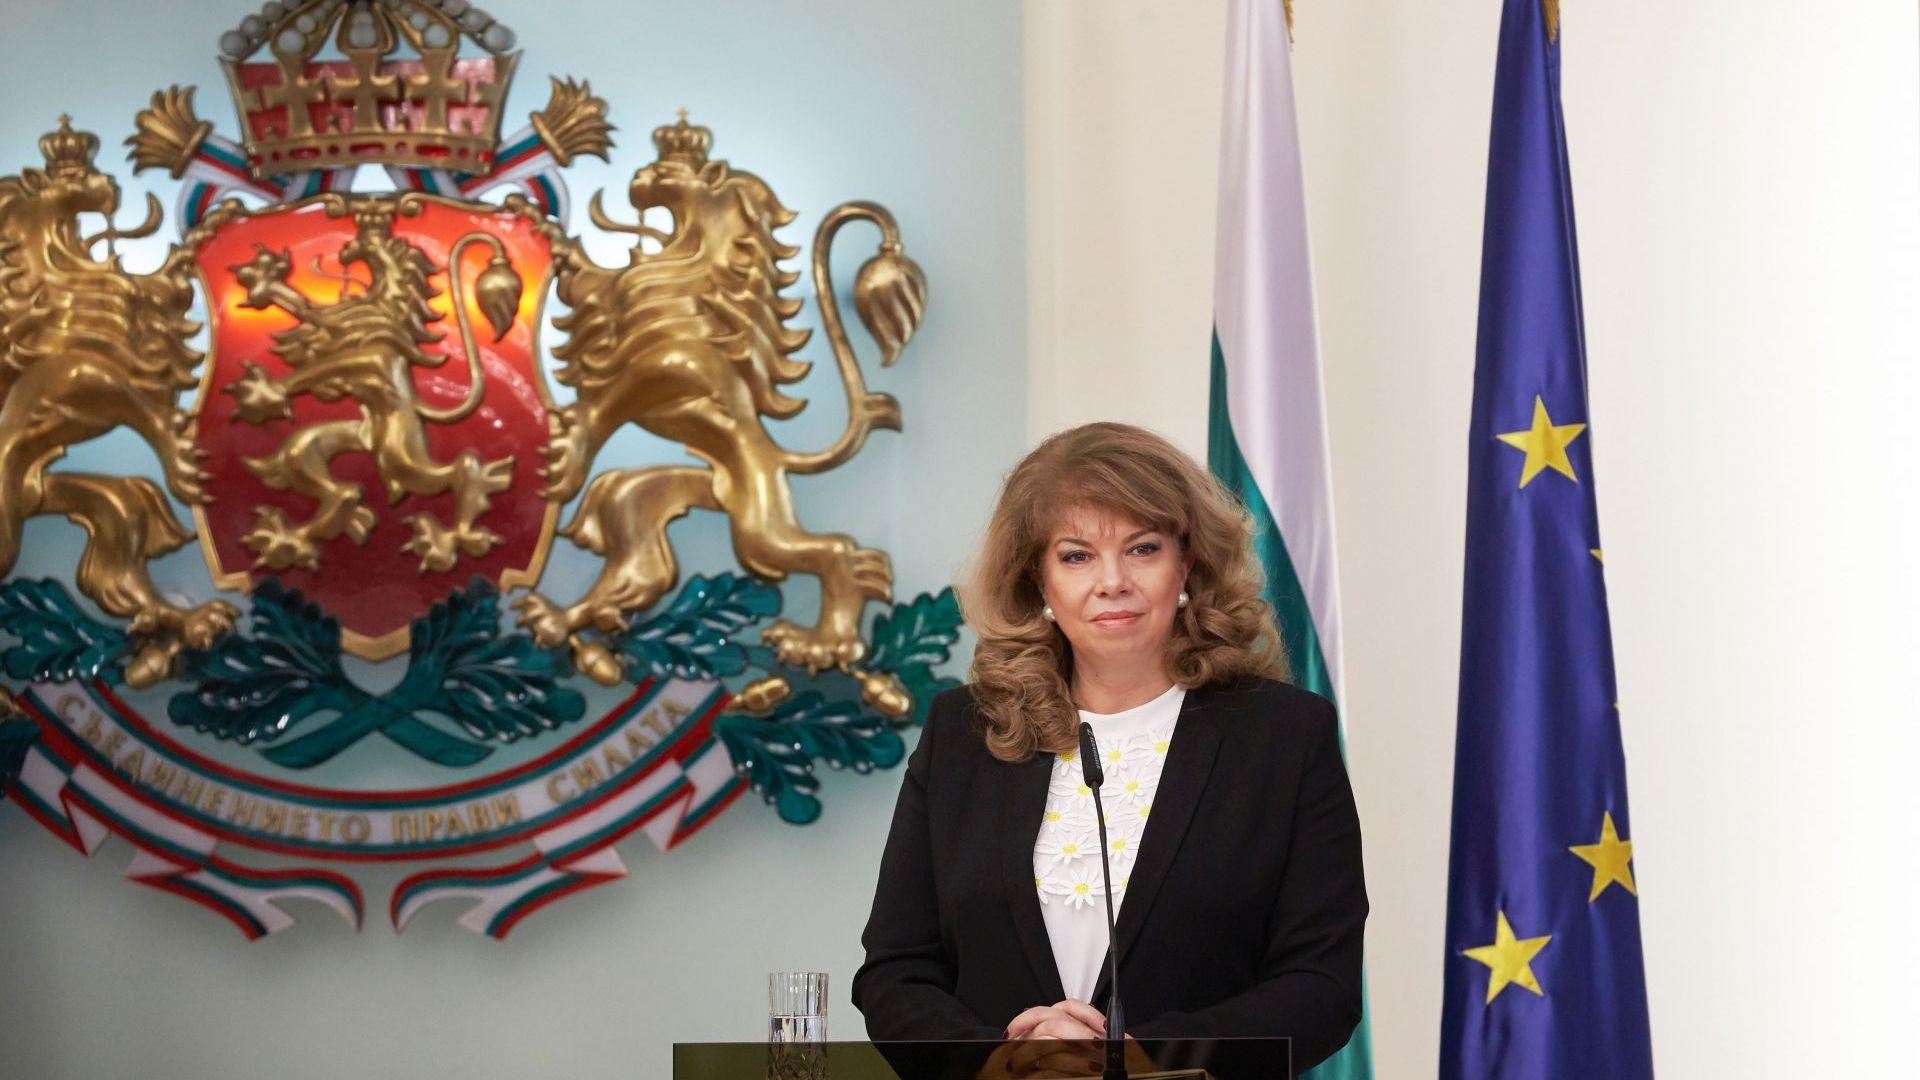 Вицепрезидентът Йотова пред Dir.bg: С президента не се изкушихме от съглашателства